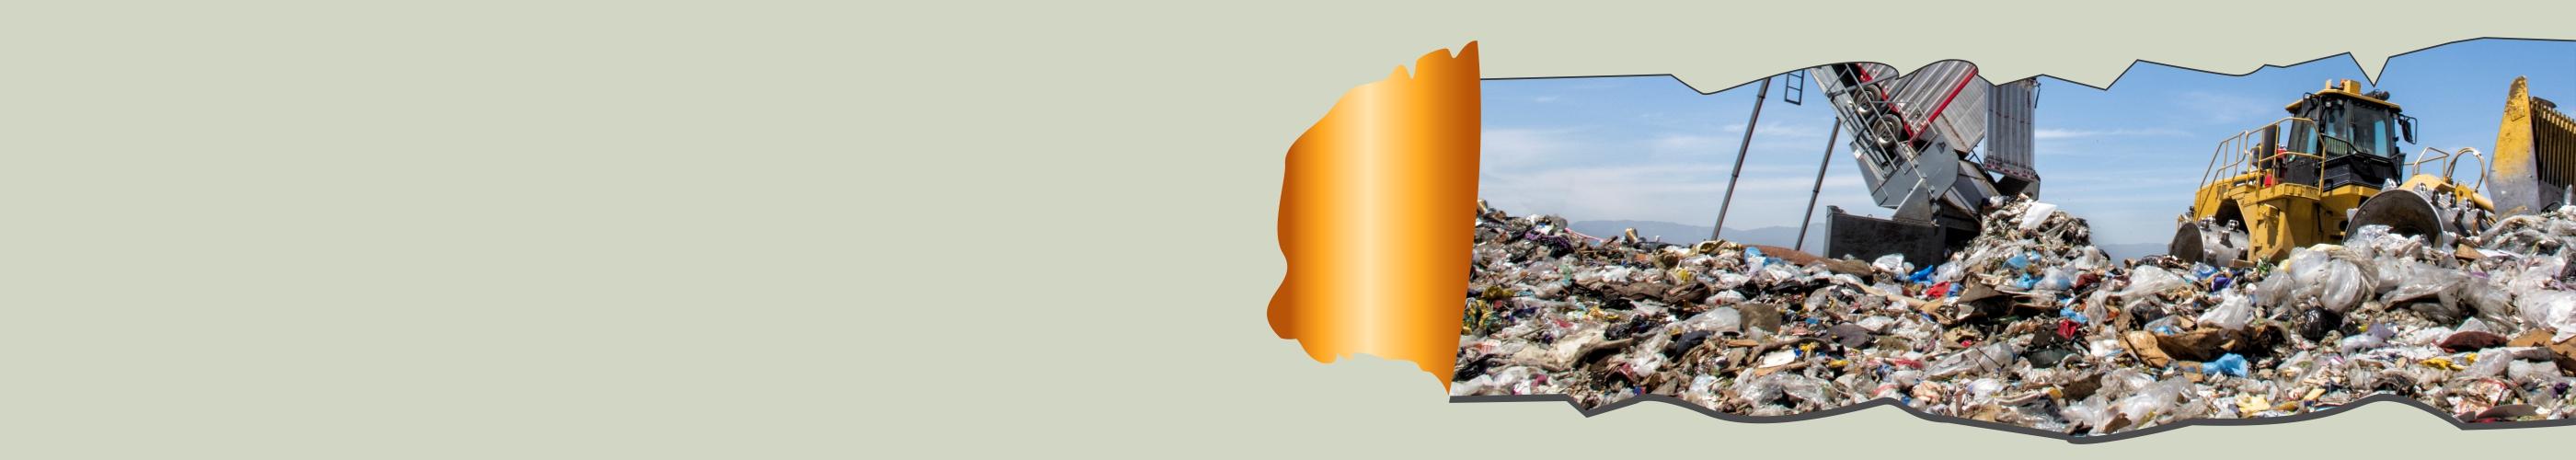 Waste-Banner-1400-w-x-250-2-